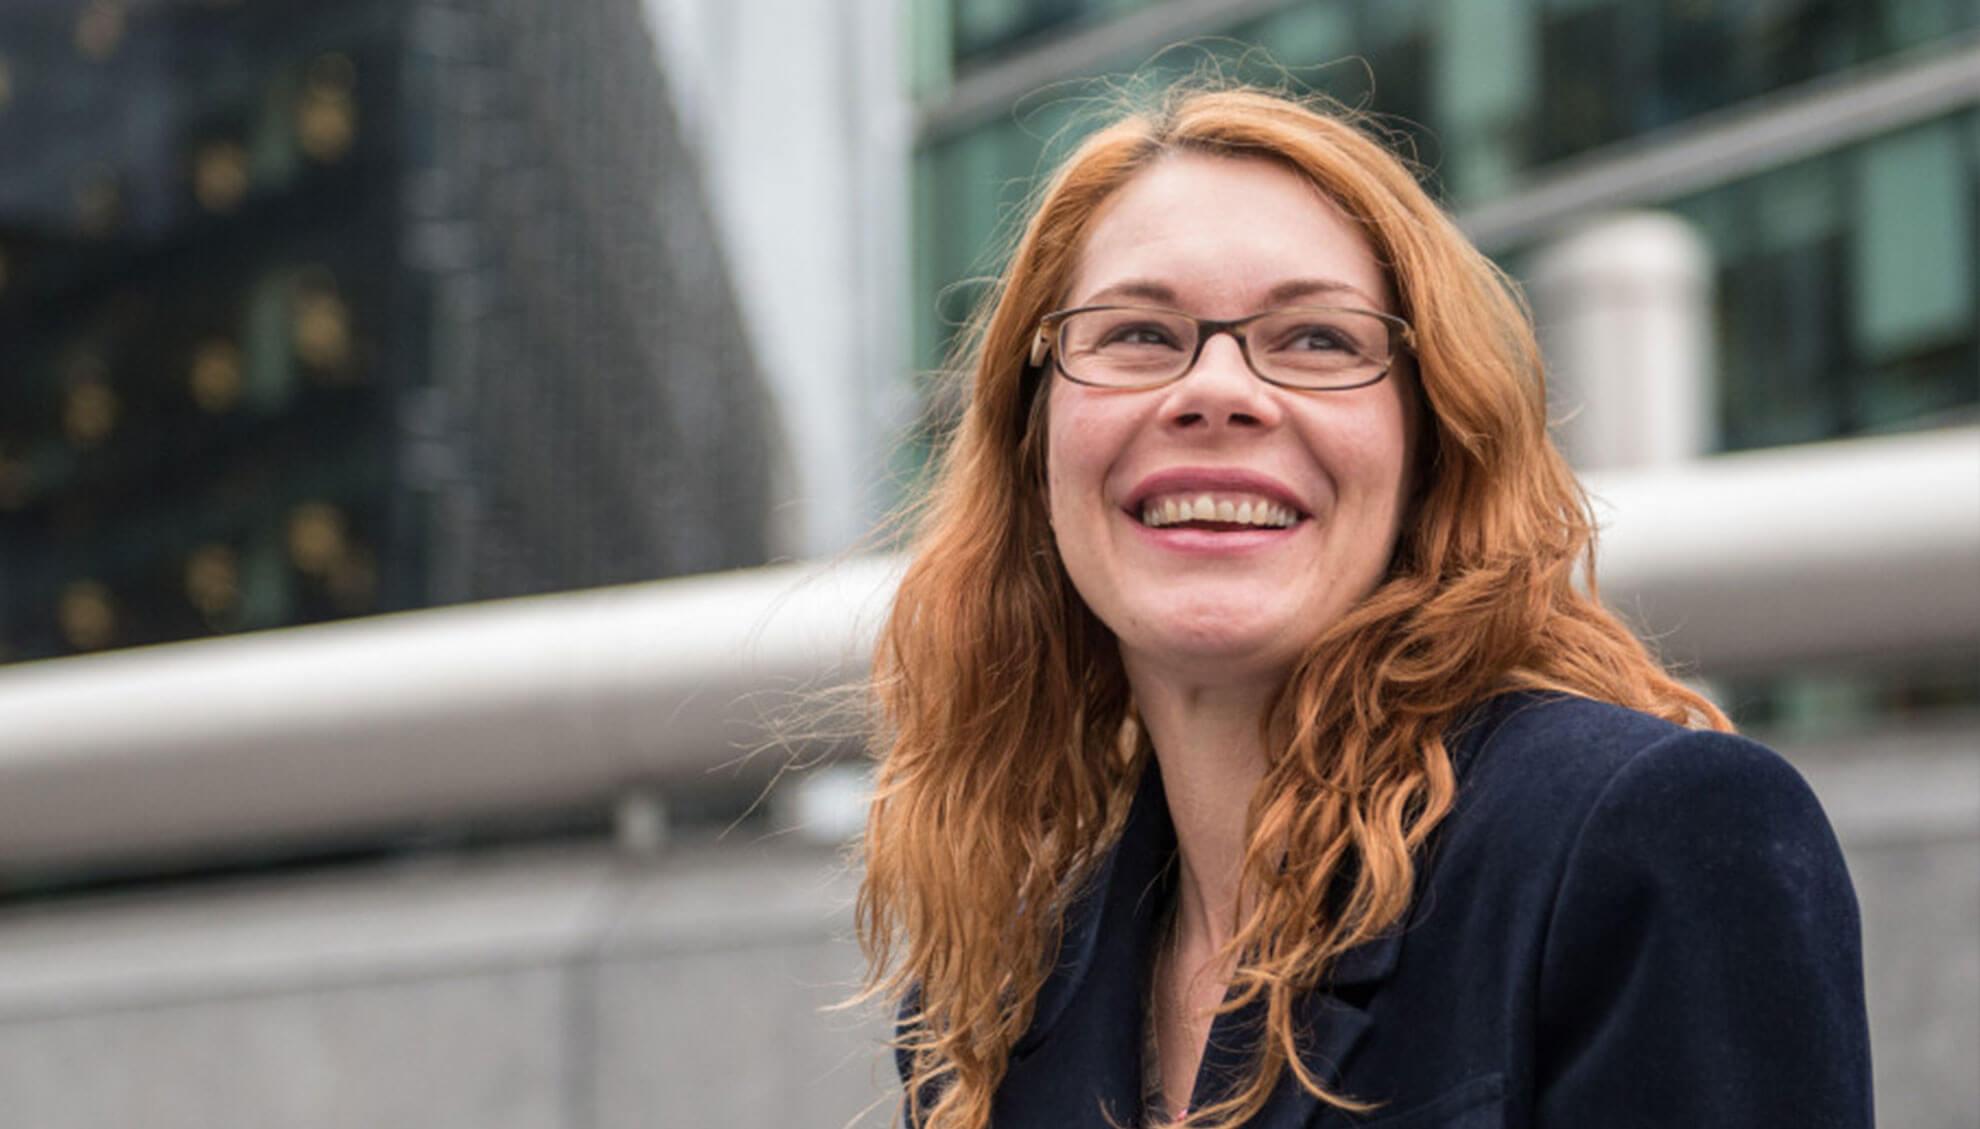 Sunette Van Aarde Aviation Contractor Recruitment Specialist